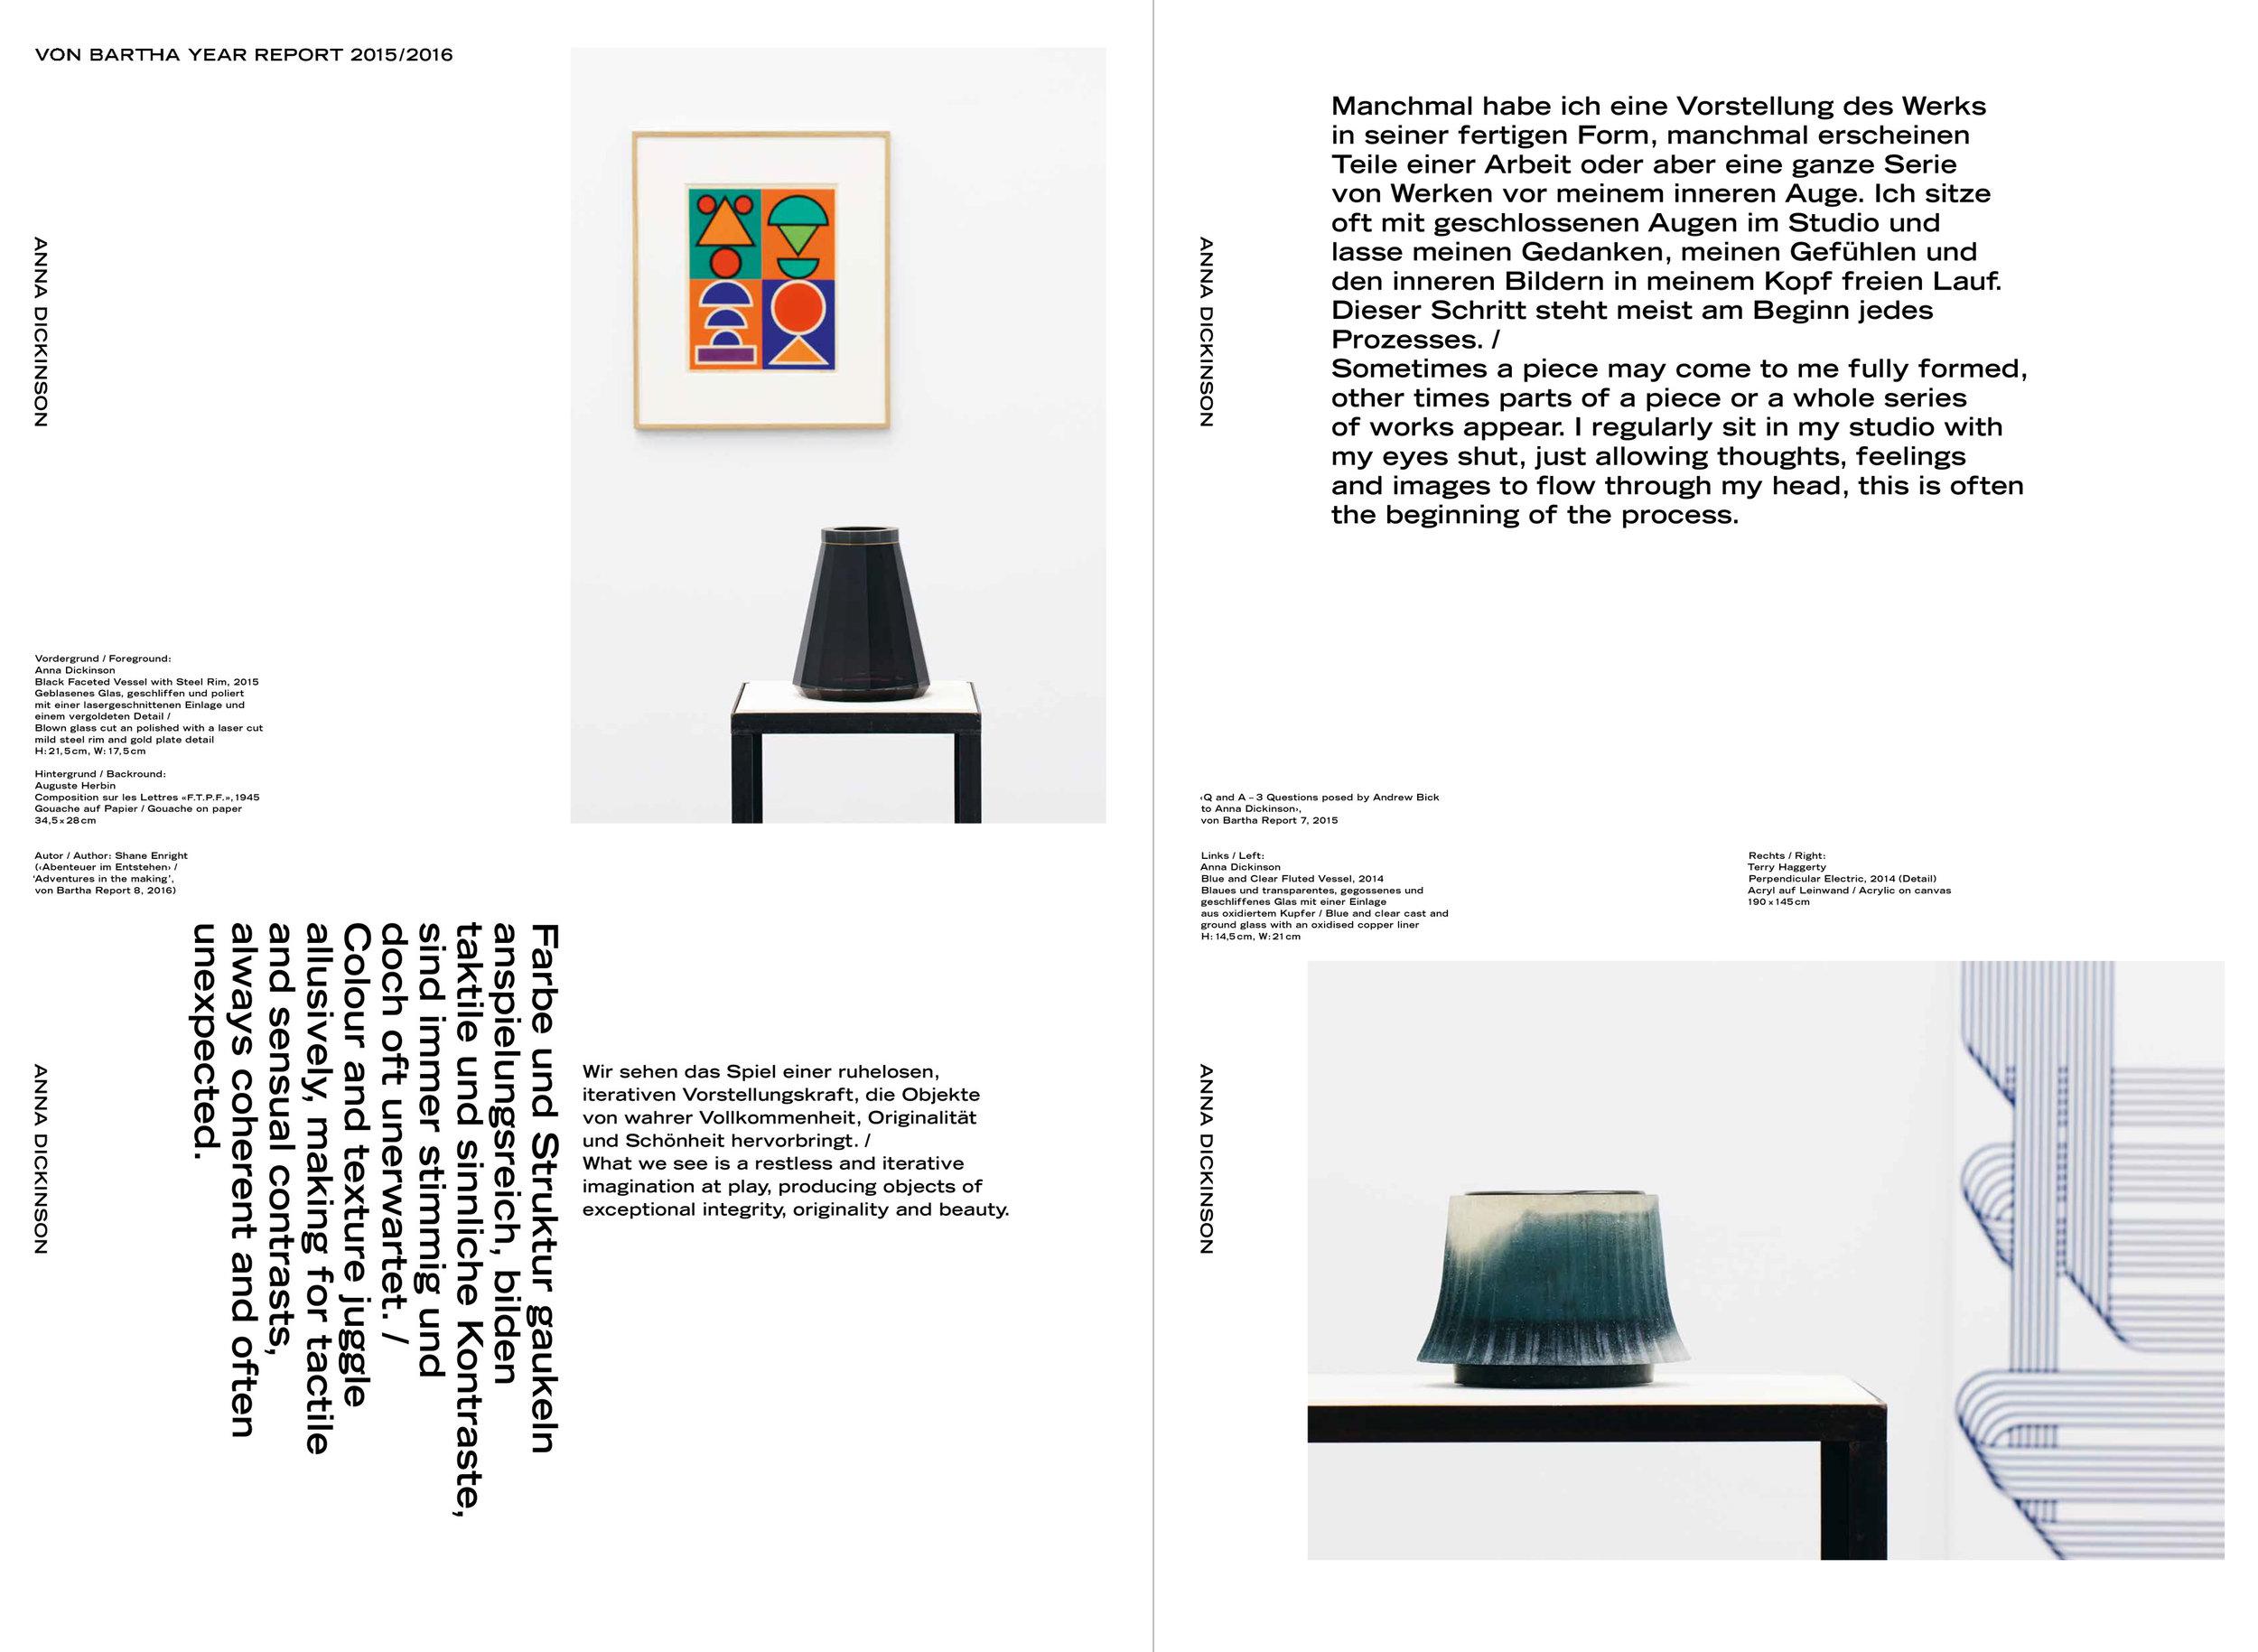 6-anna-dickinson-von-bartha-year-report-2015-2016.jpg